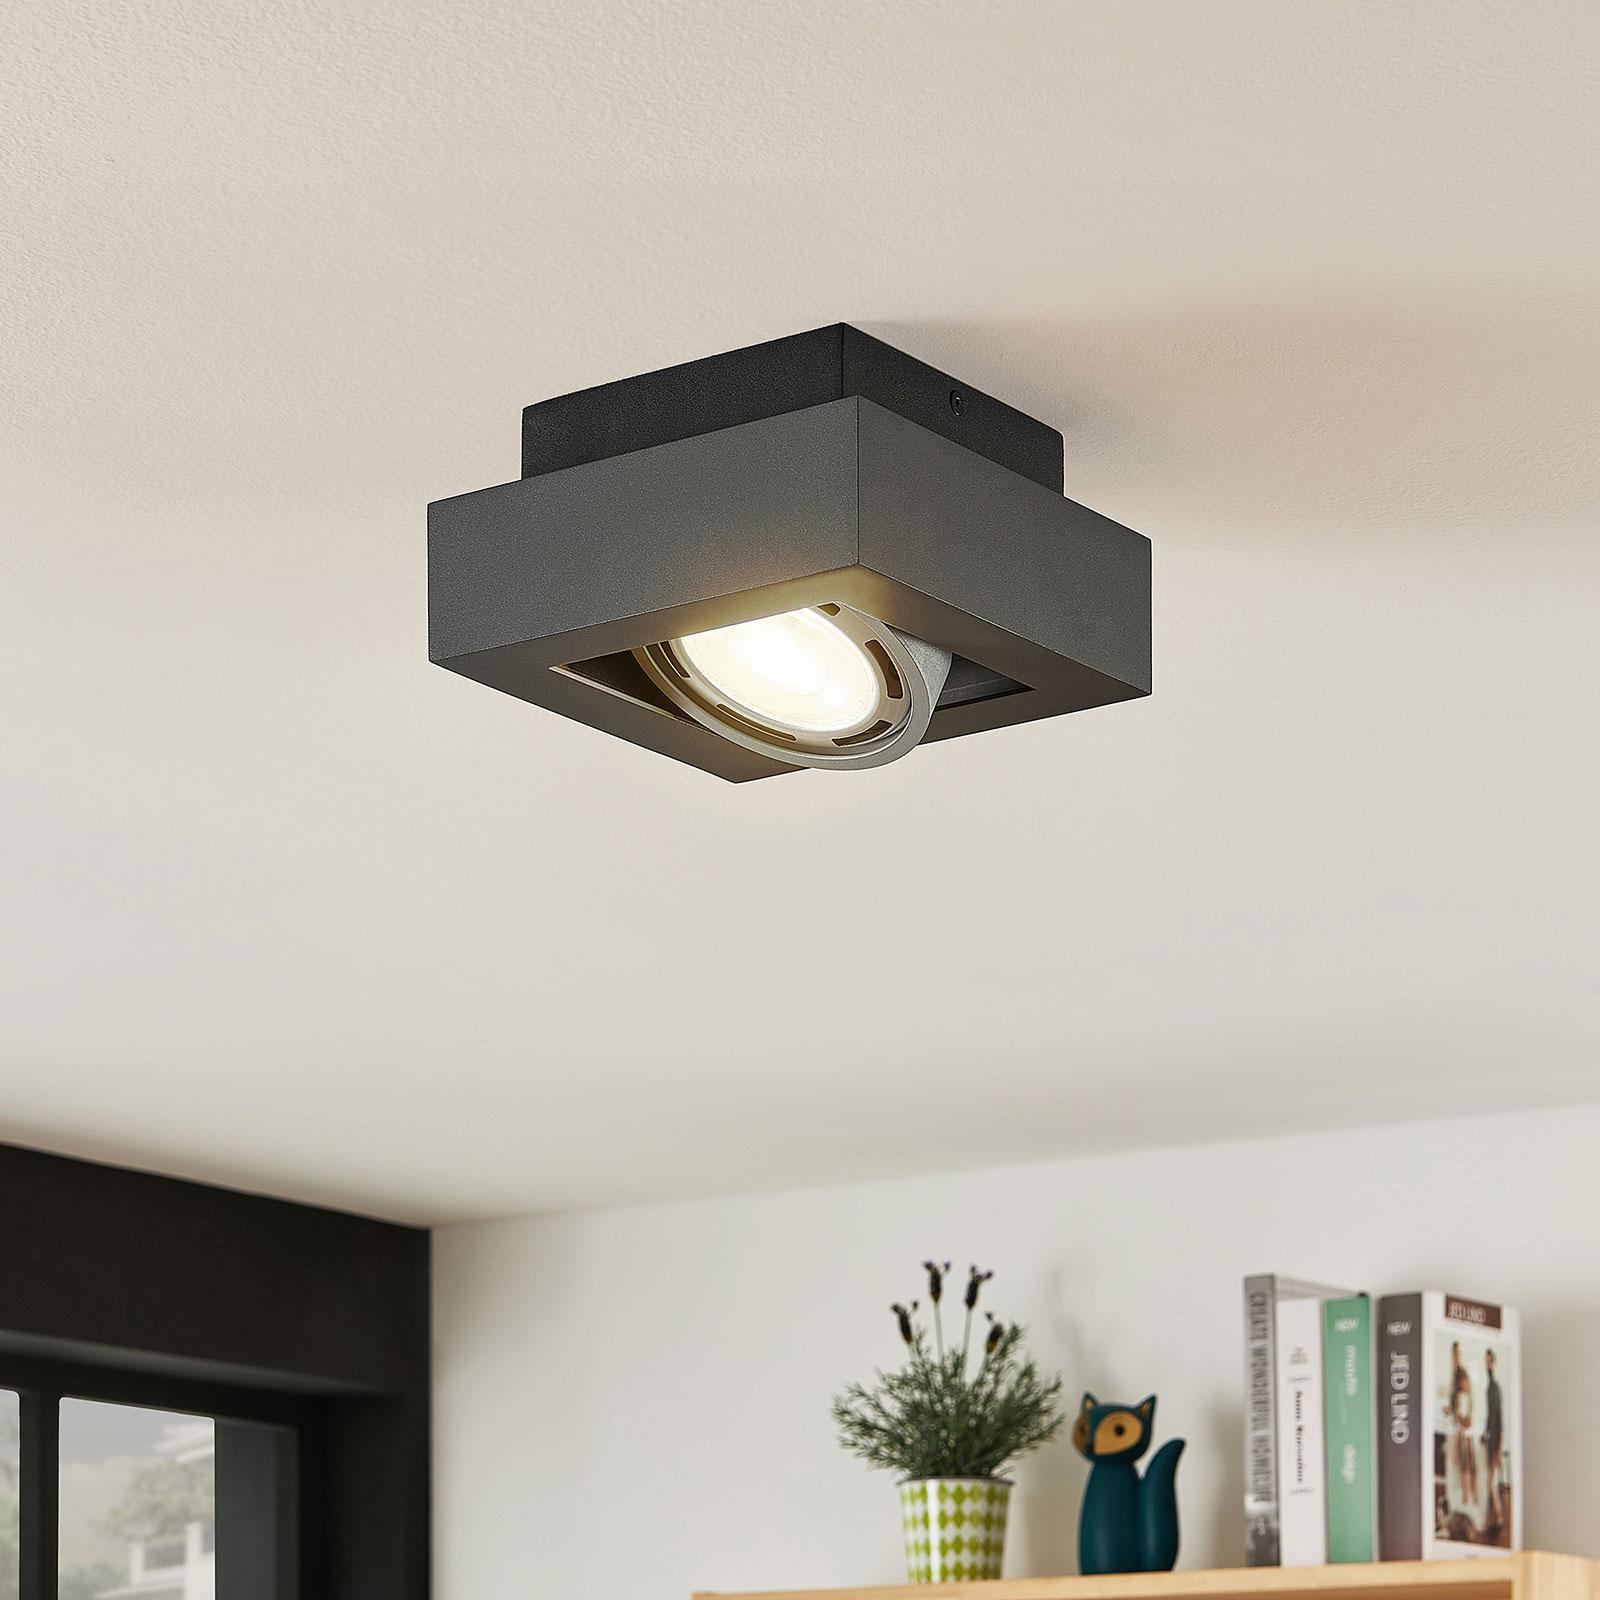 LED-takspotlight Ronka, GU10, 1 lampa, mörkgrå